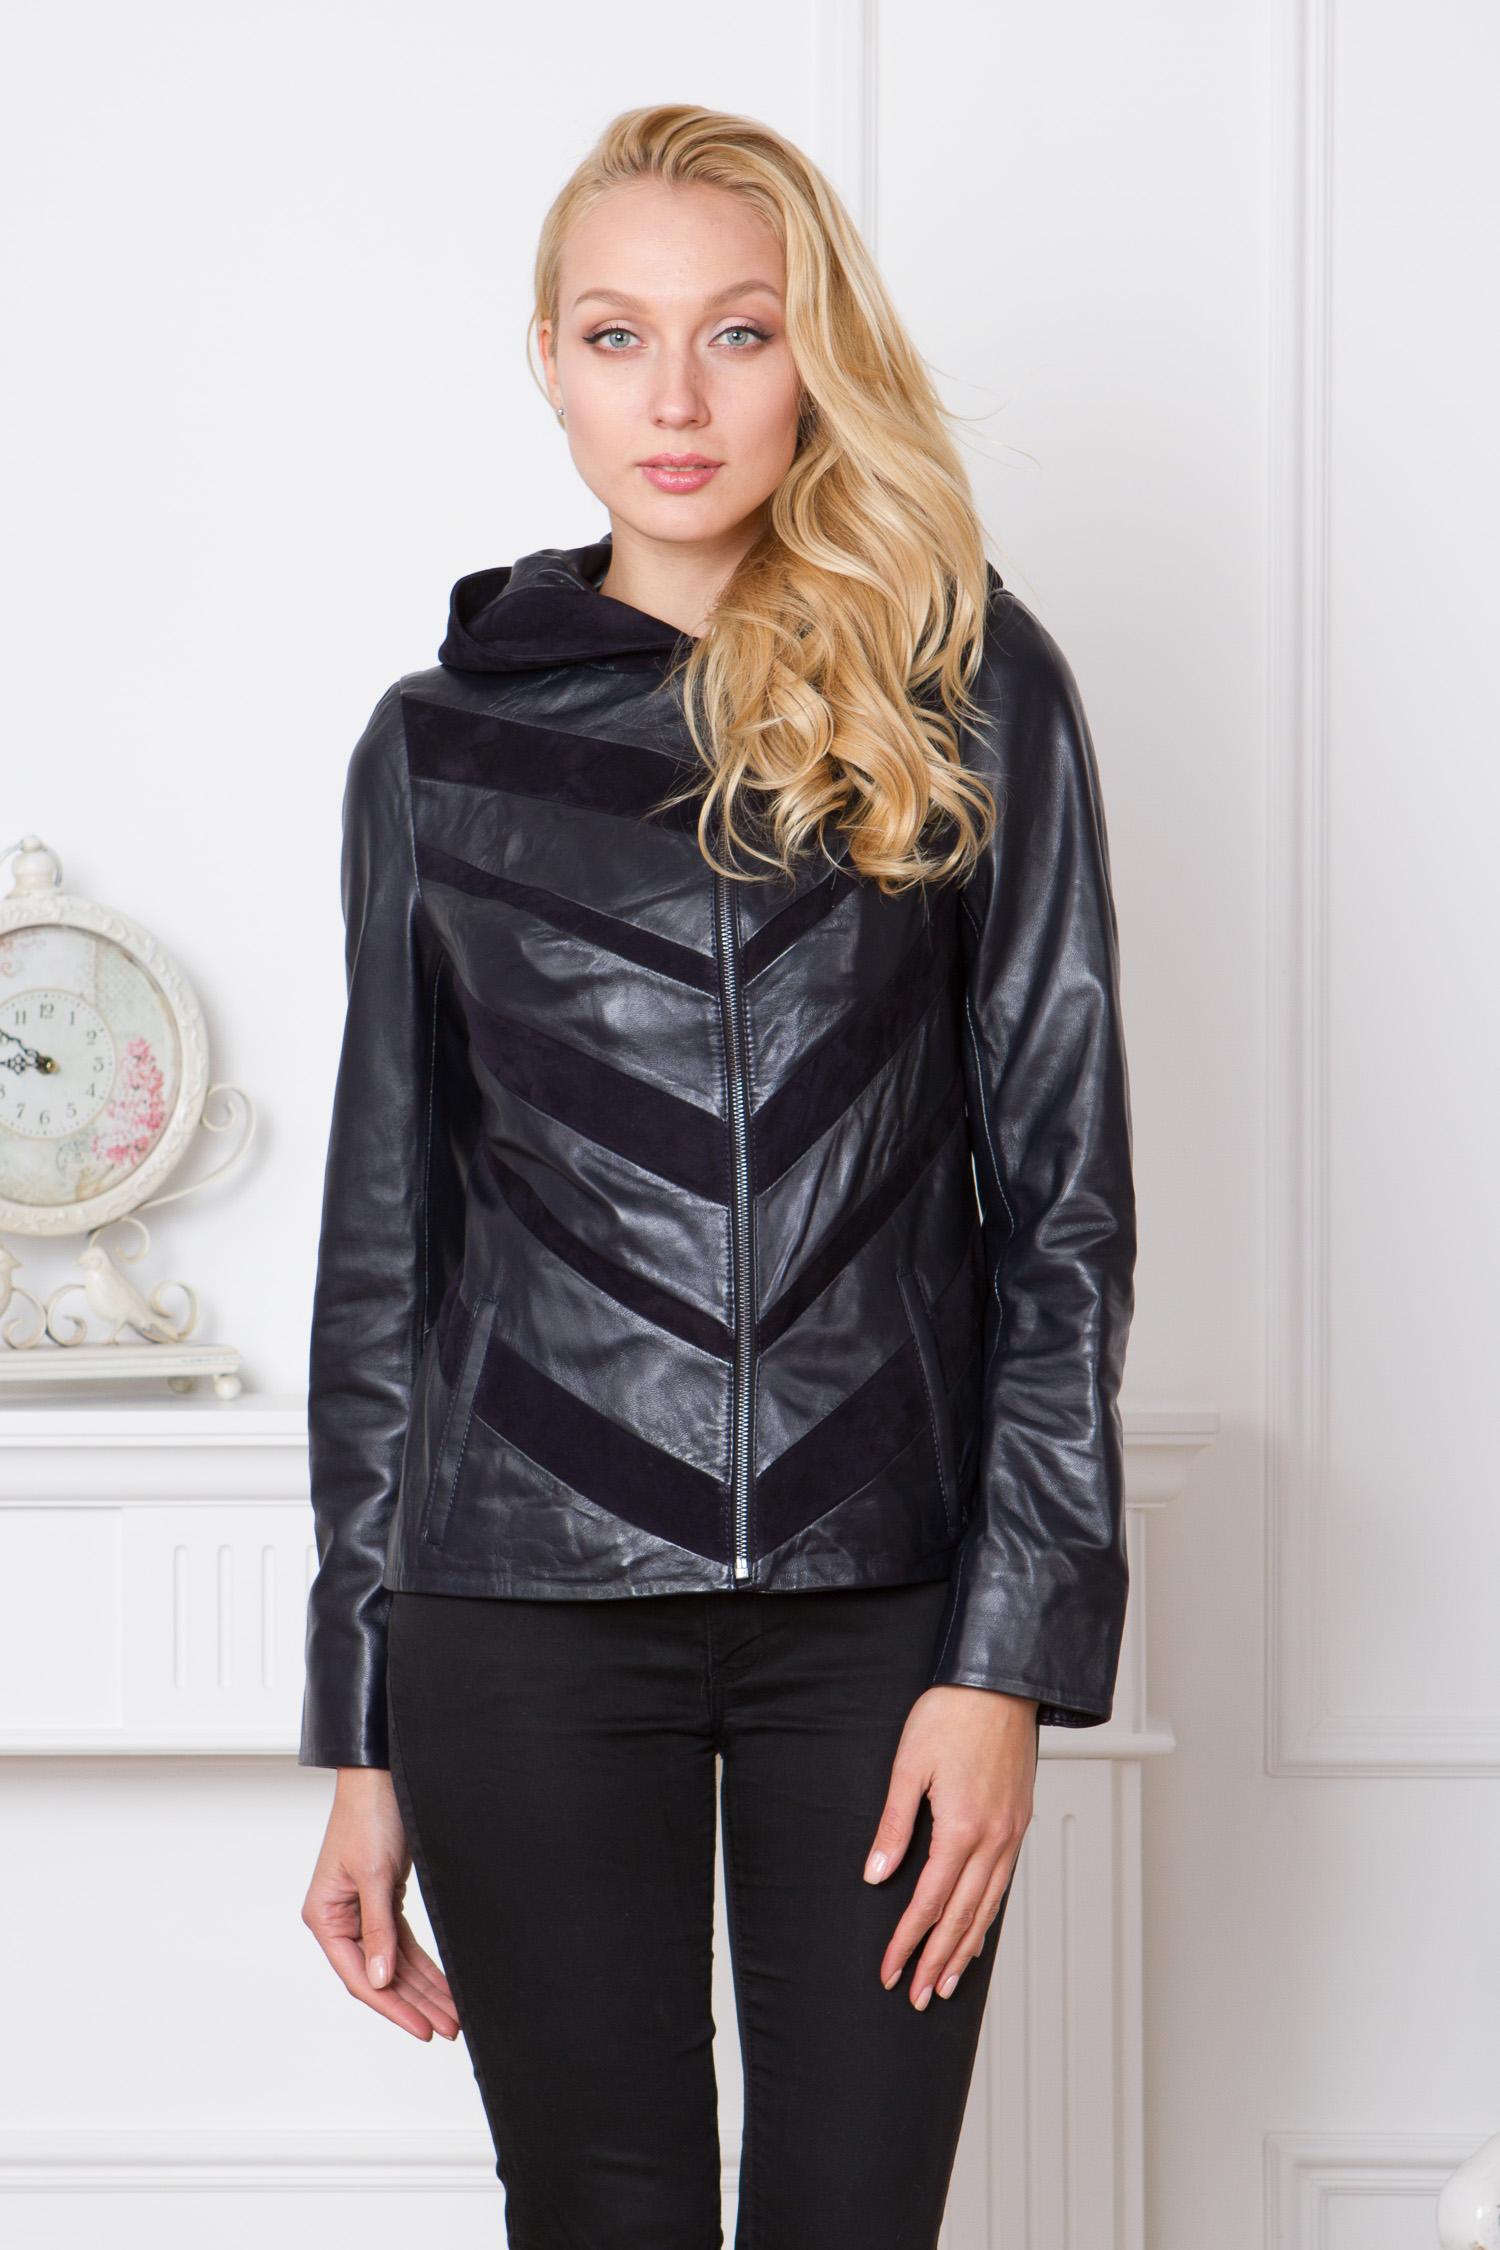 Женская кожаная куртка из натуральной кожи с капюшоном, без отделки от Московская Меховая Компания